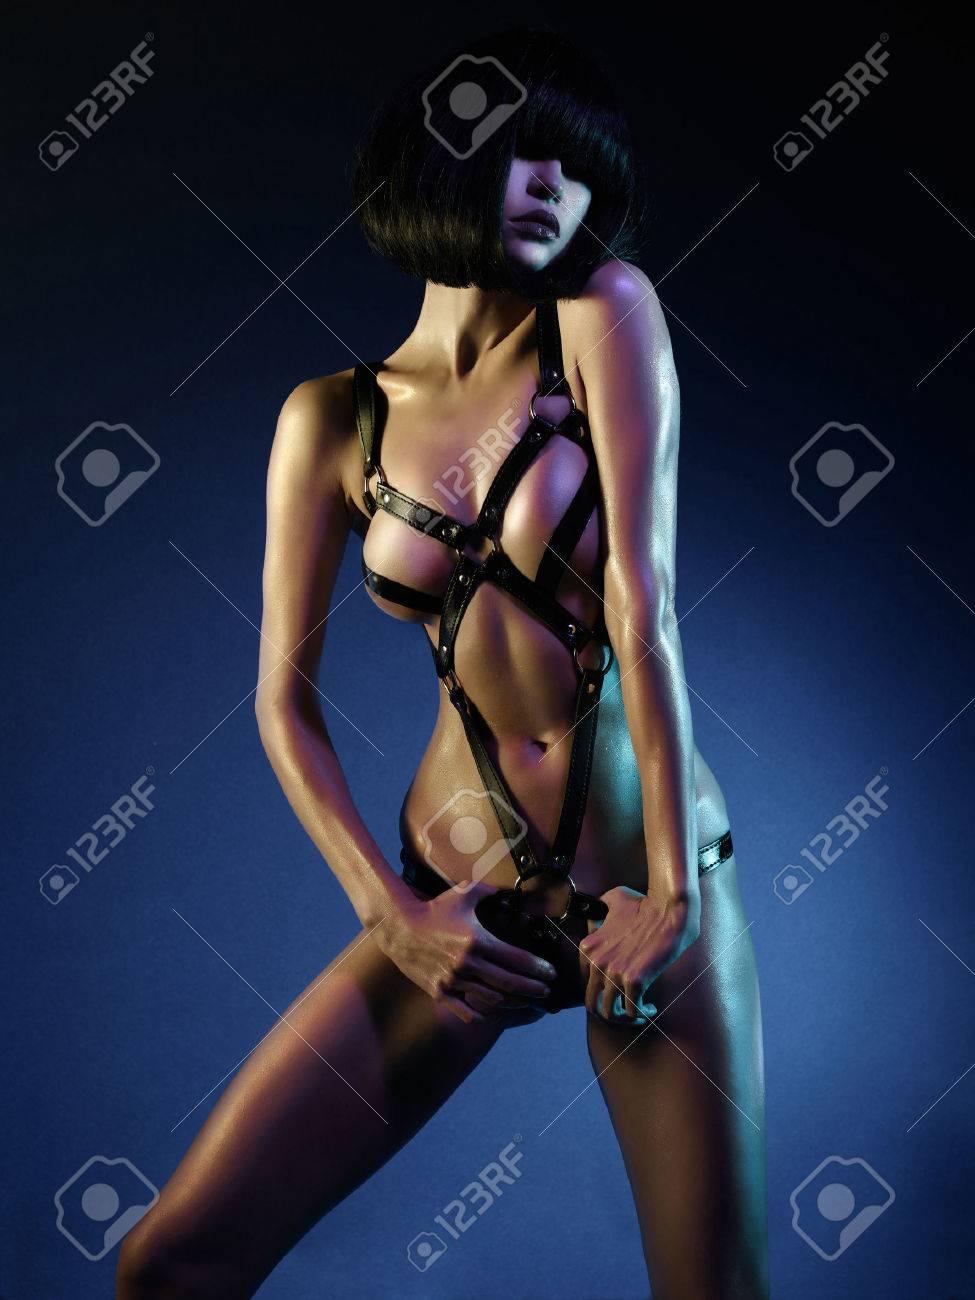 sexy nudo signora foto Regno cuori lesbica porno